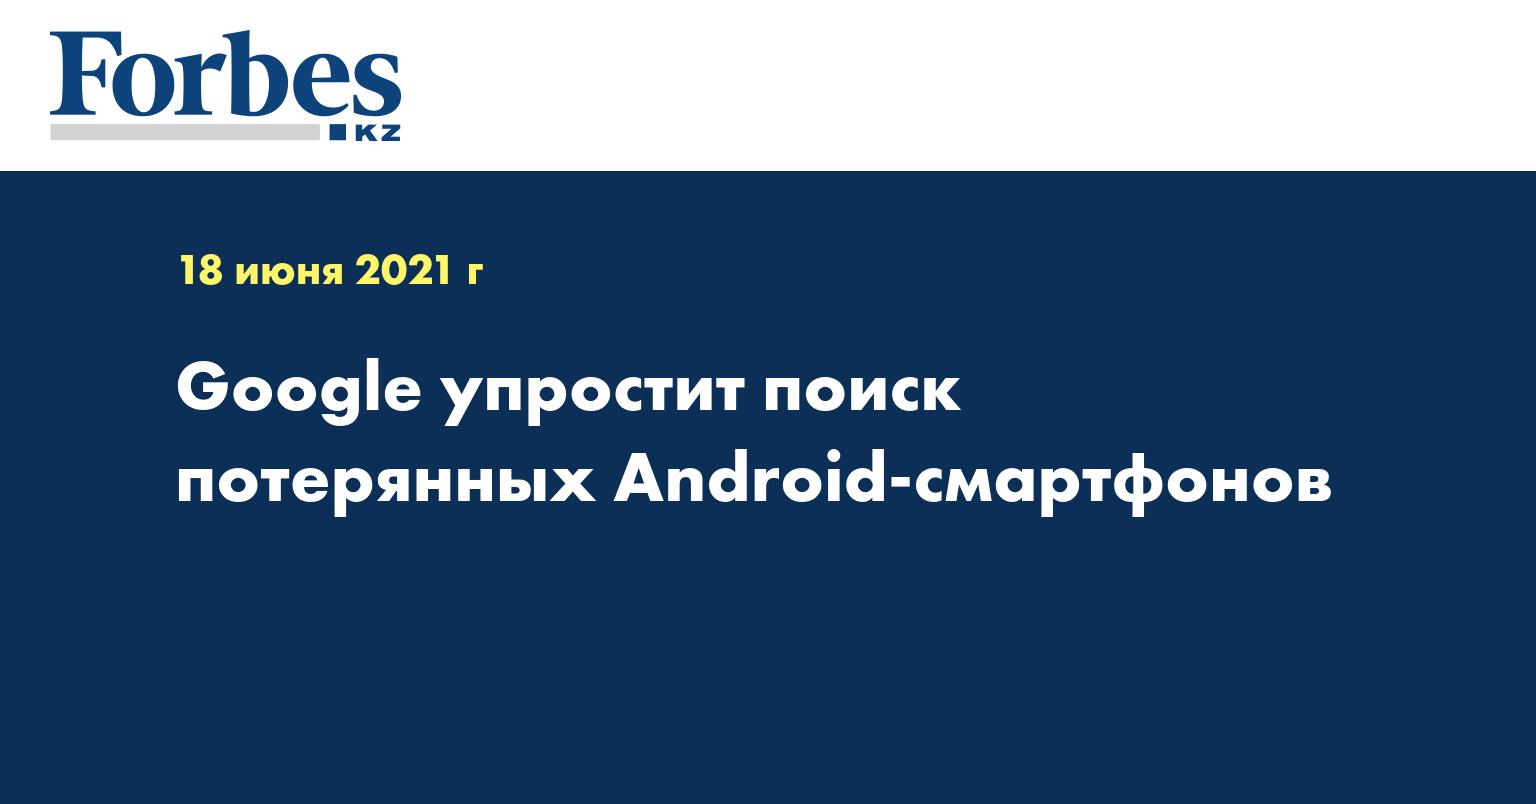 Google упростит поиск потерянных Android-смартфонов